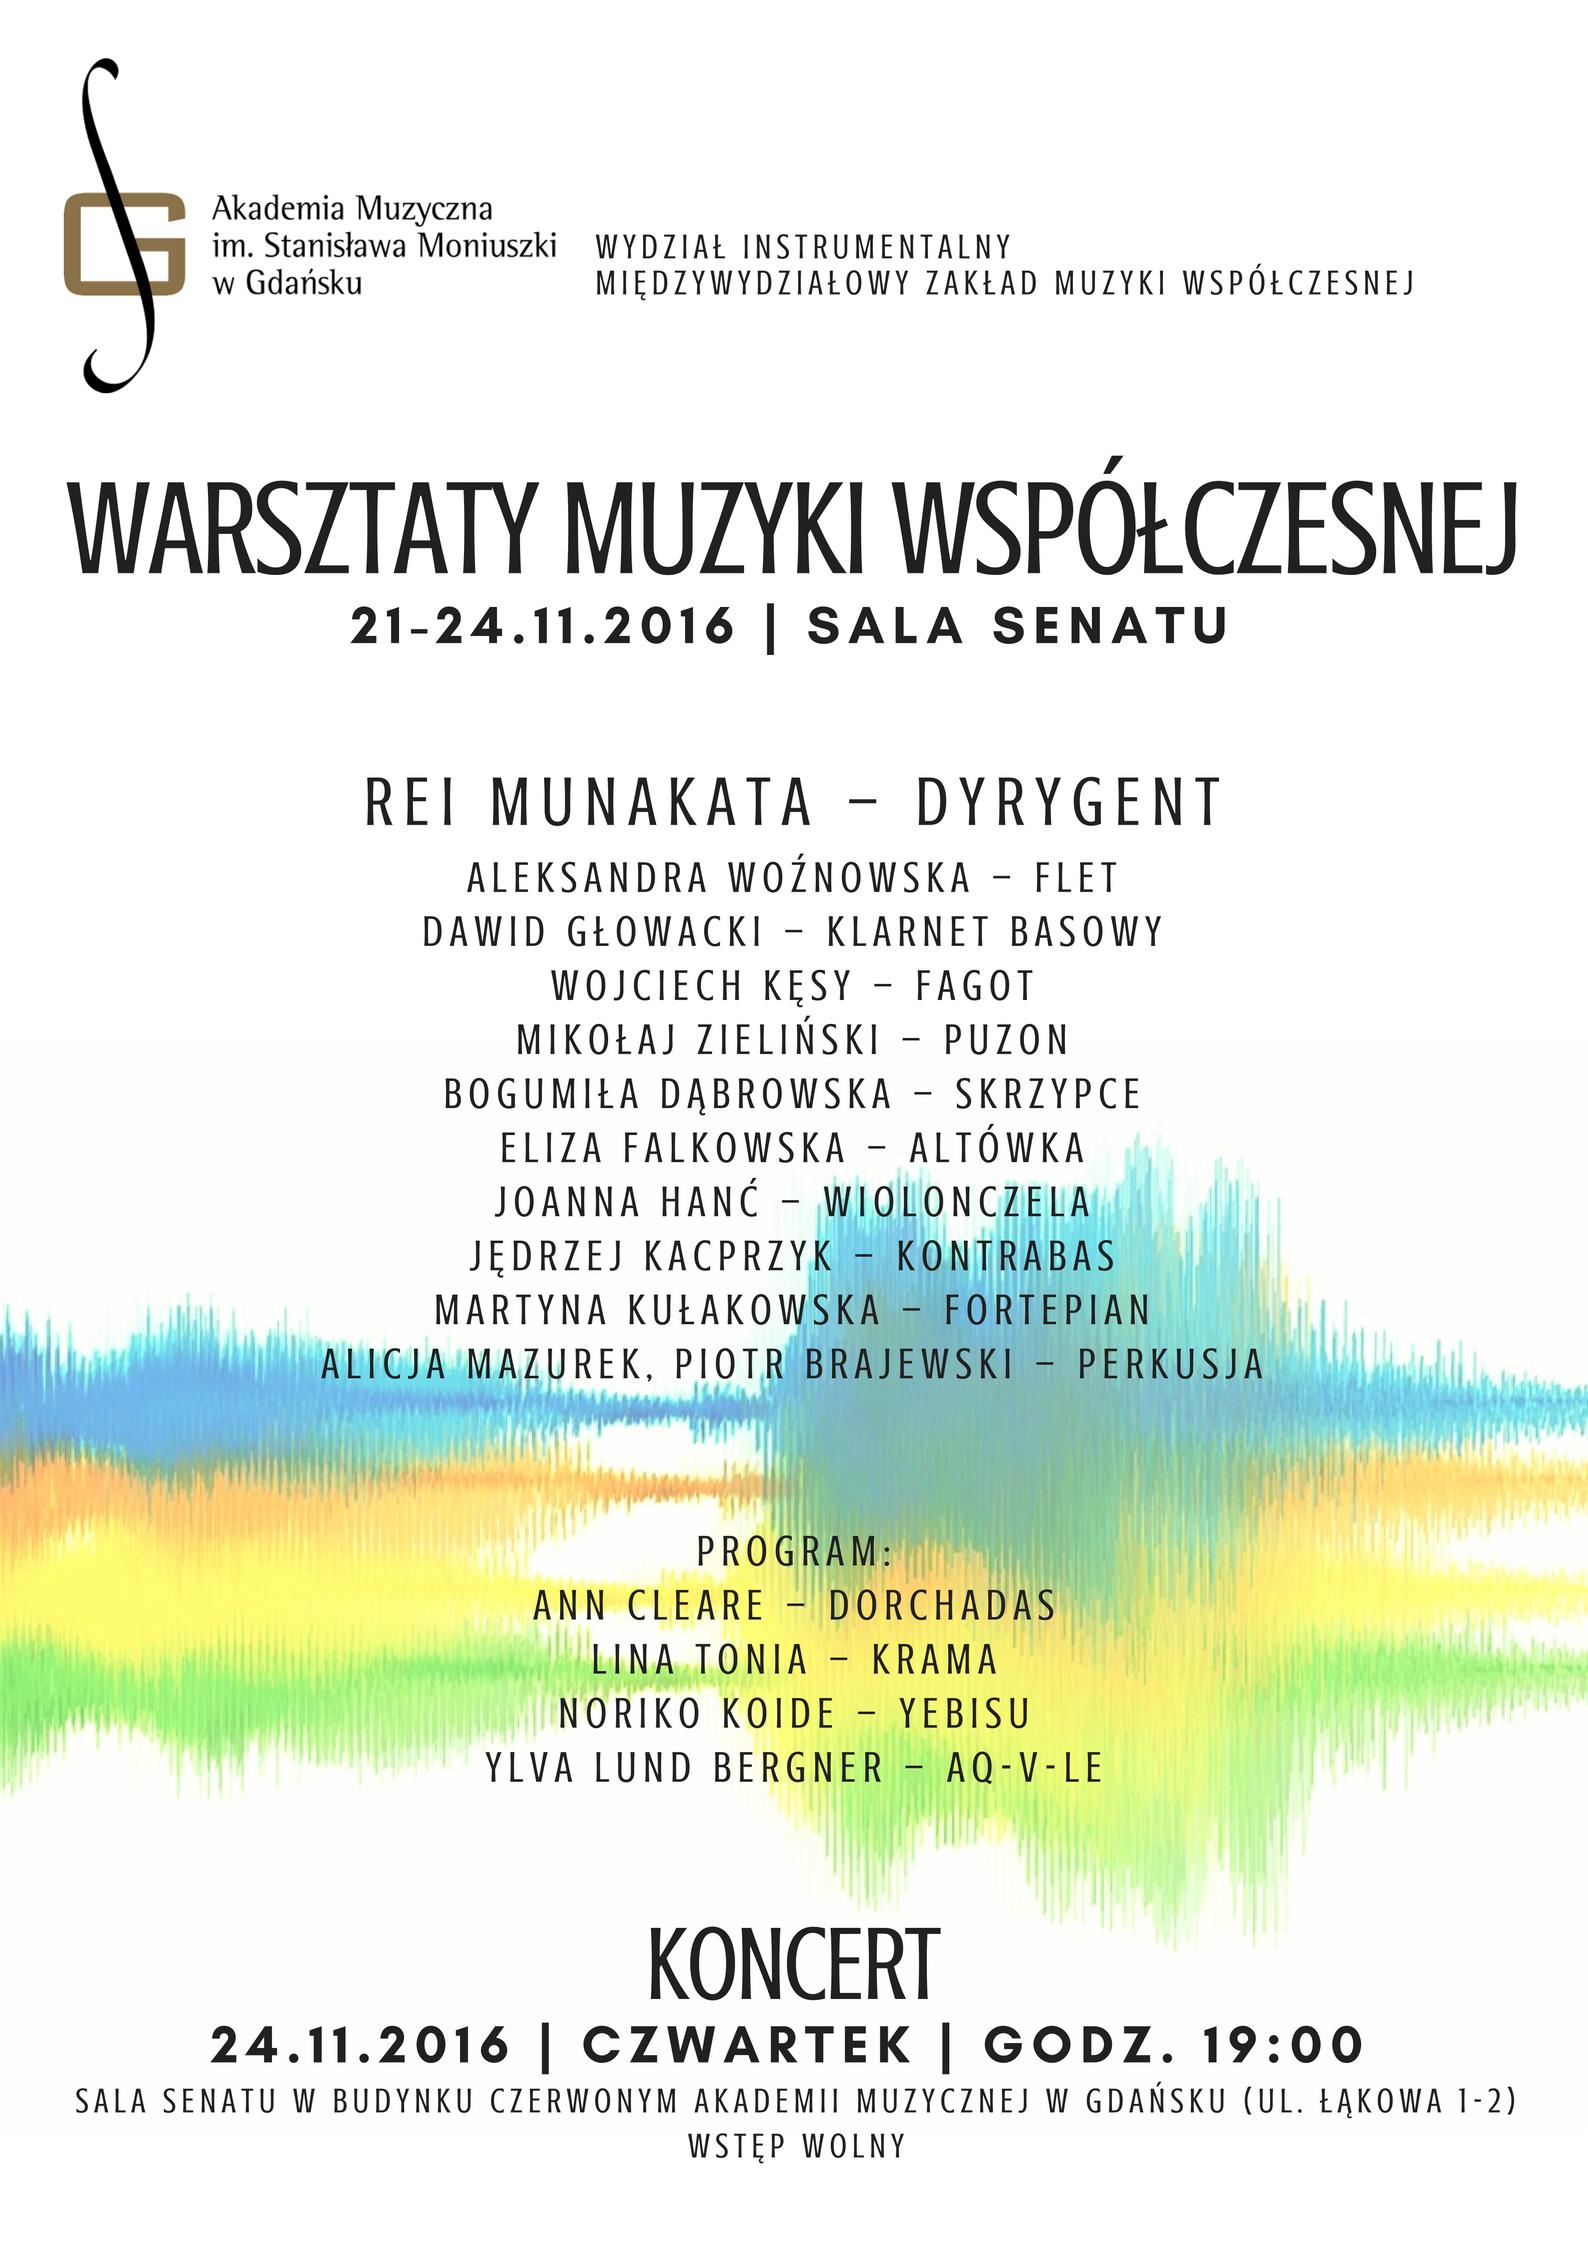 warsztaty-muzyki-wspolczesnej_rei-munakata